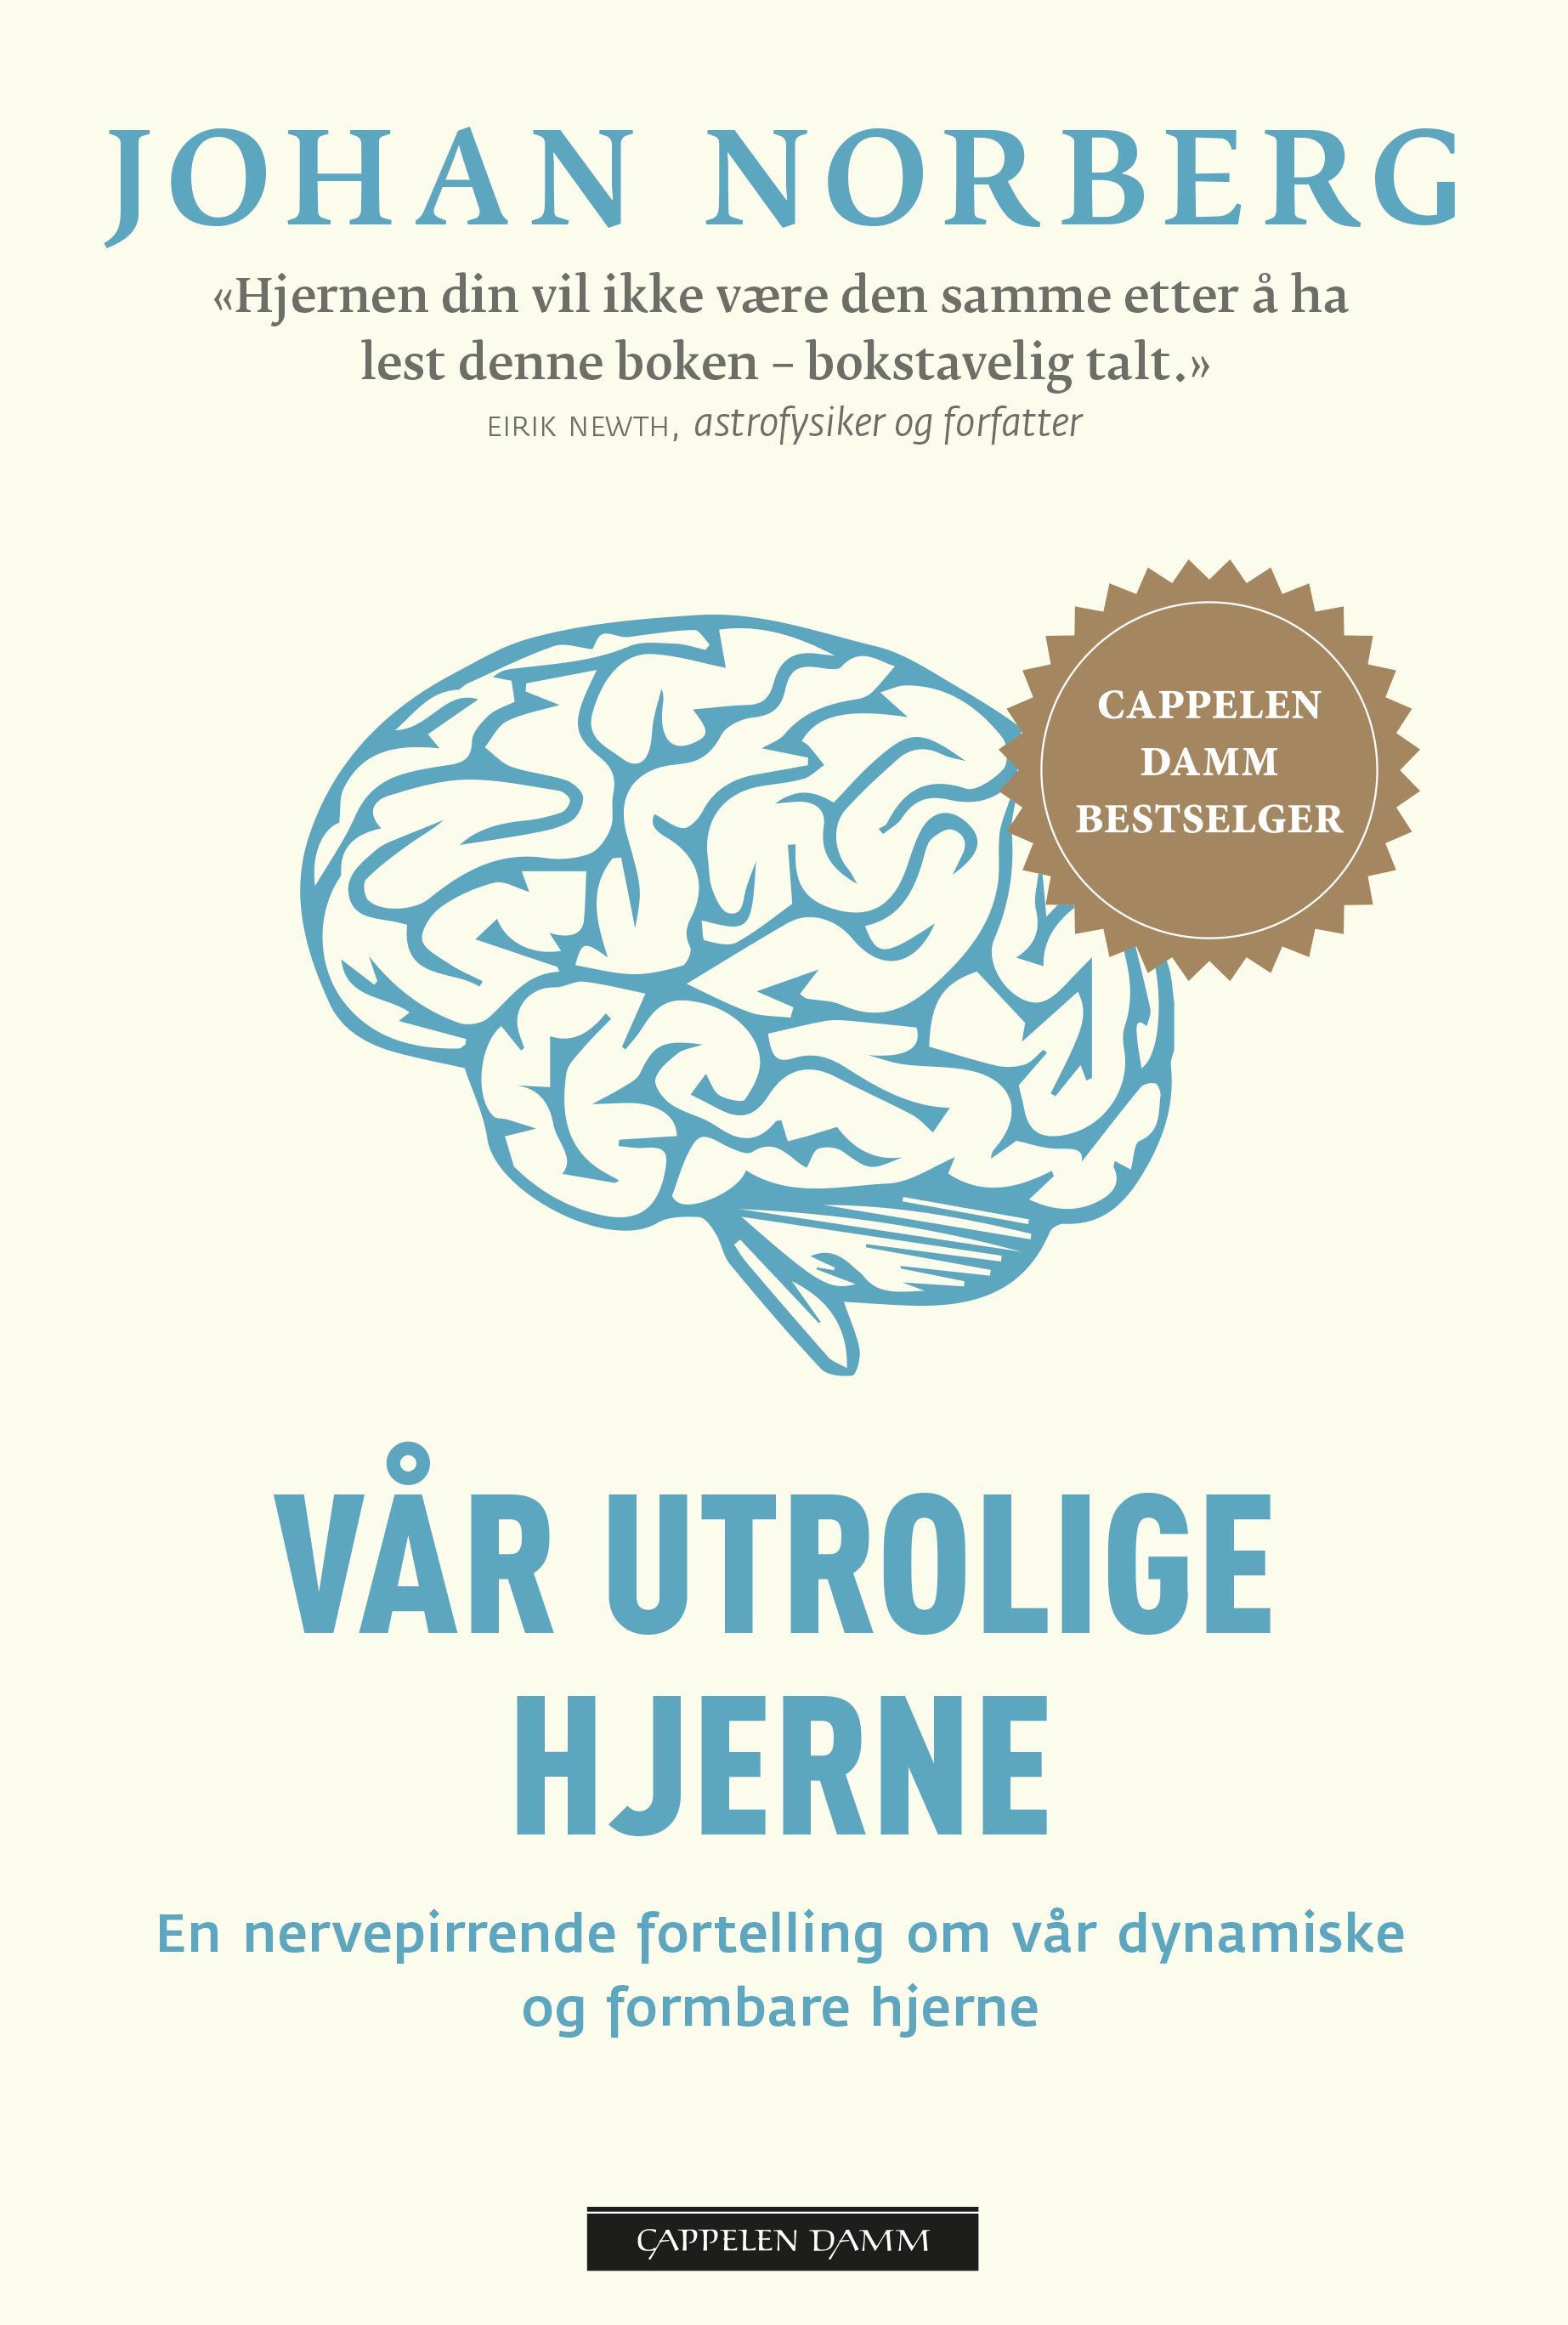 """""""Vår utrolige hjerne - en nervepirrende fortelling om vår dynamiske og formbare hjerne"""" av Johan Norberg"""